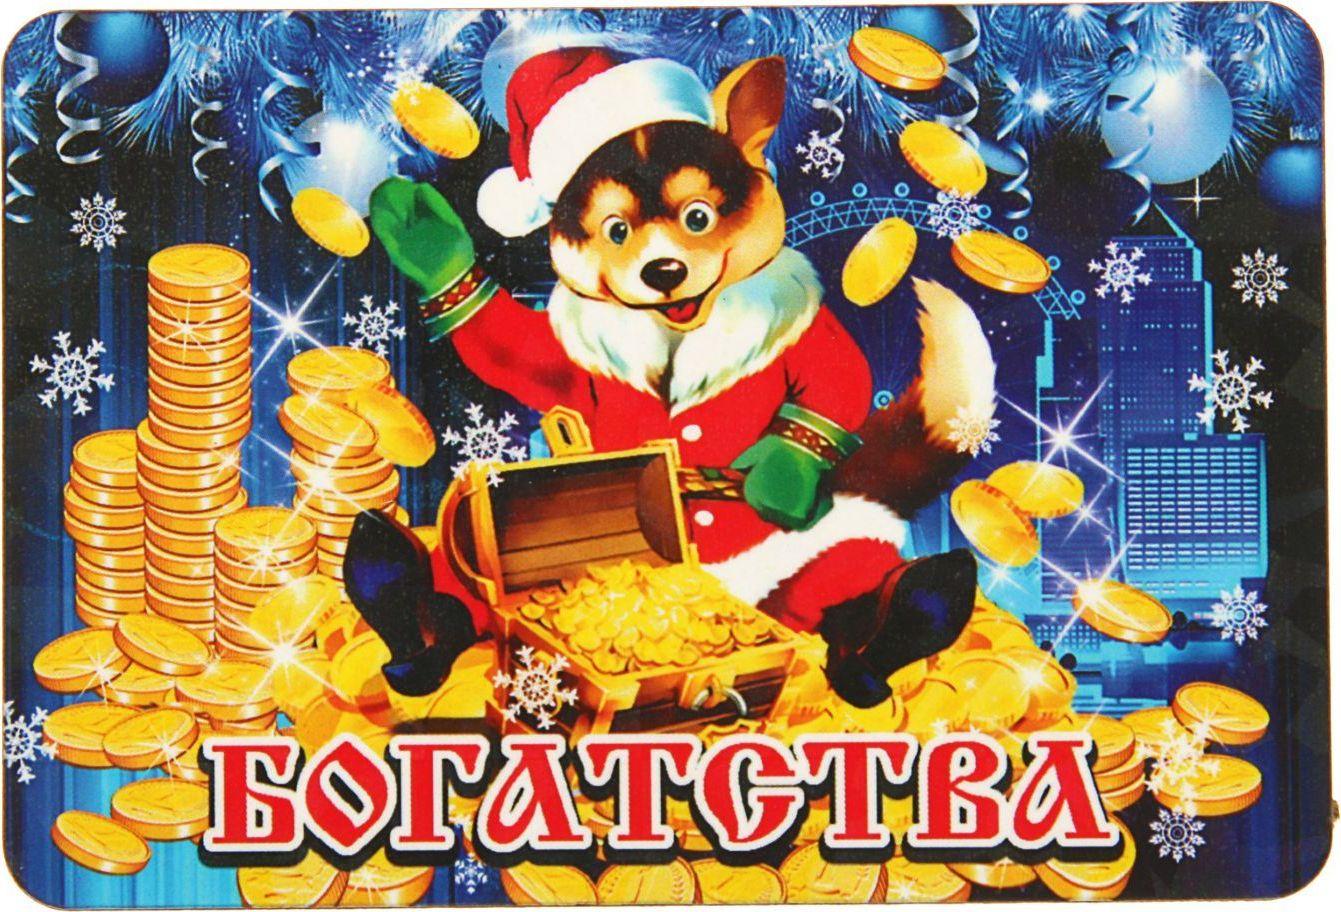 Порадуйте родных и близких оригинальным сувениром: преподнесите в подарок магнит. С ним даже самый серьезный человек почувствует себя ребенком, ожидающим чудо! Прикрепите его к любой металлической поверхности, и он удержит на виду важные записки, любовные послания или просто список продуктов.  Создайте праздничное настроение, и оно останется с вами на весь год.